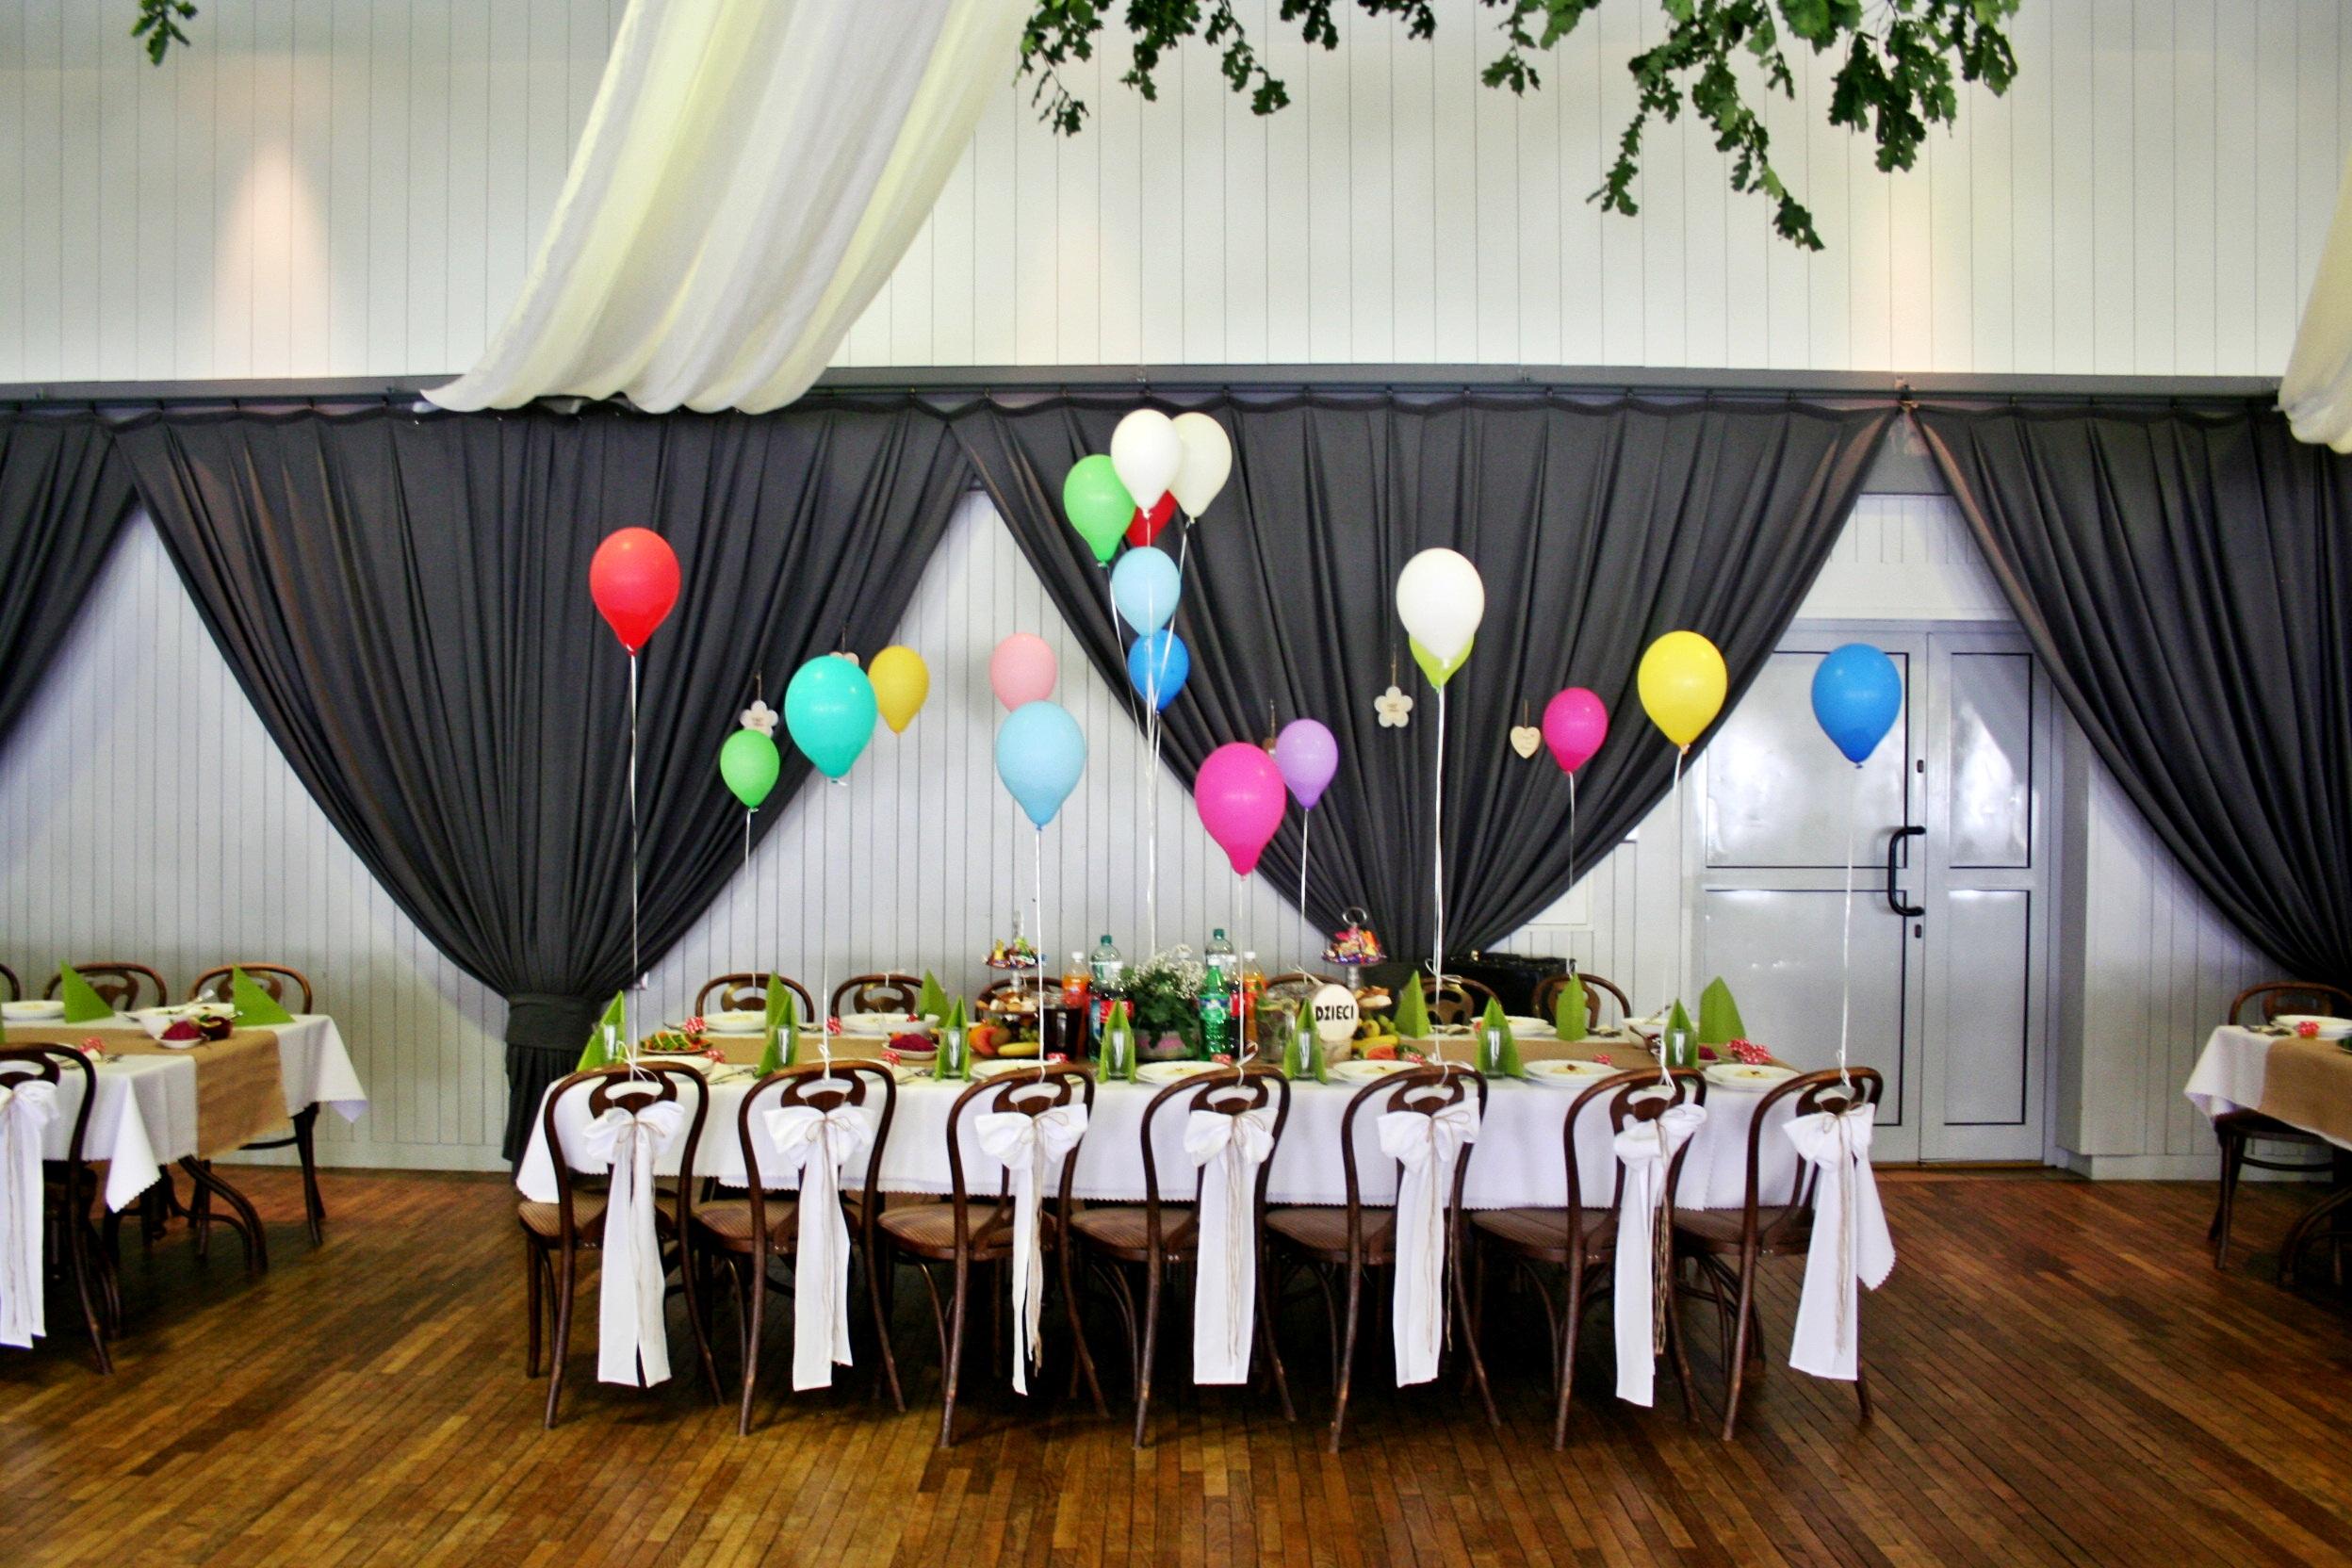 dekoracja stołu dla dzieci